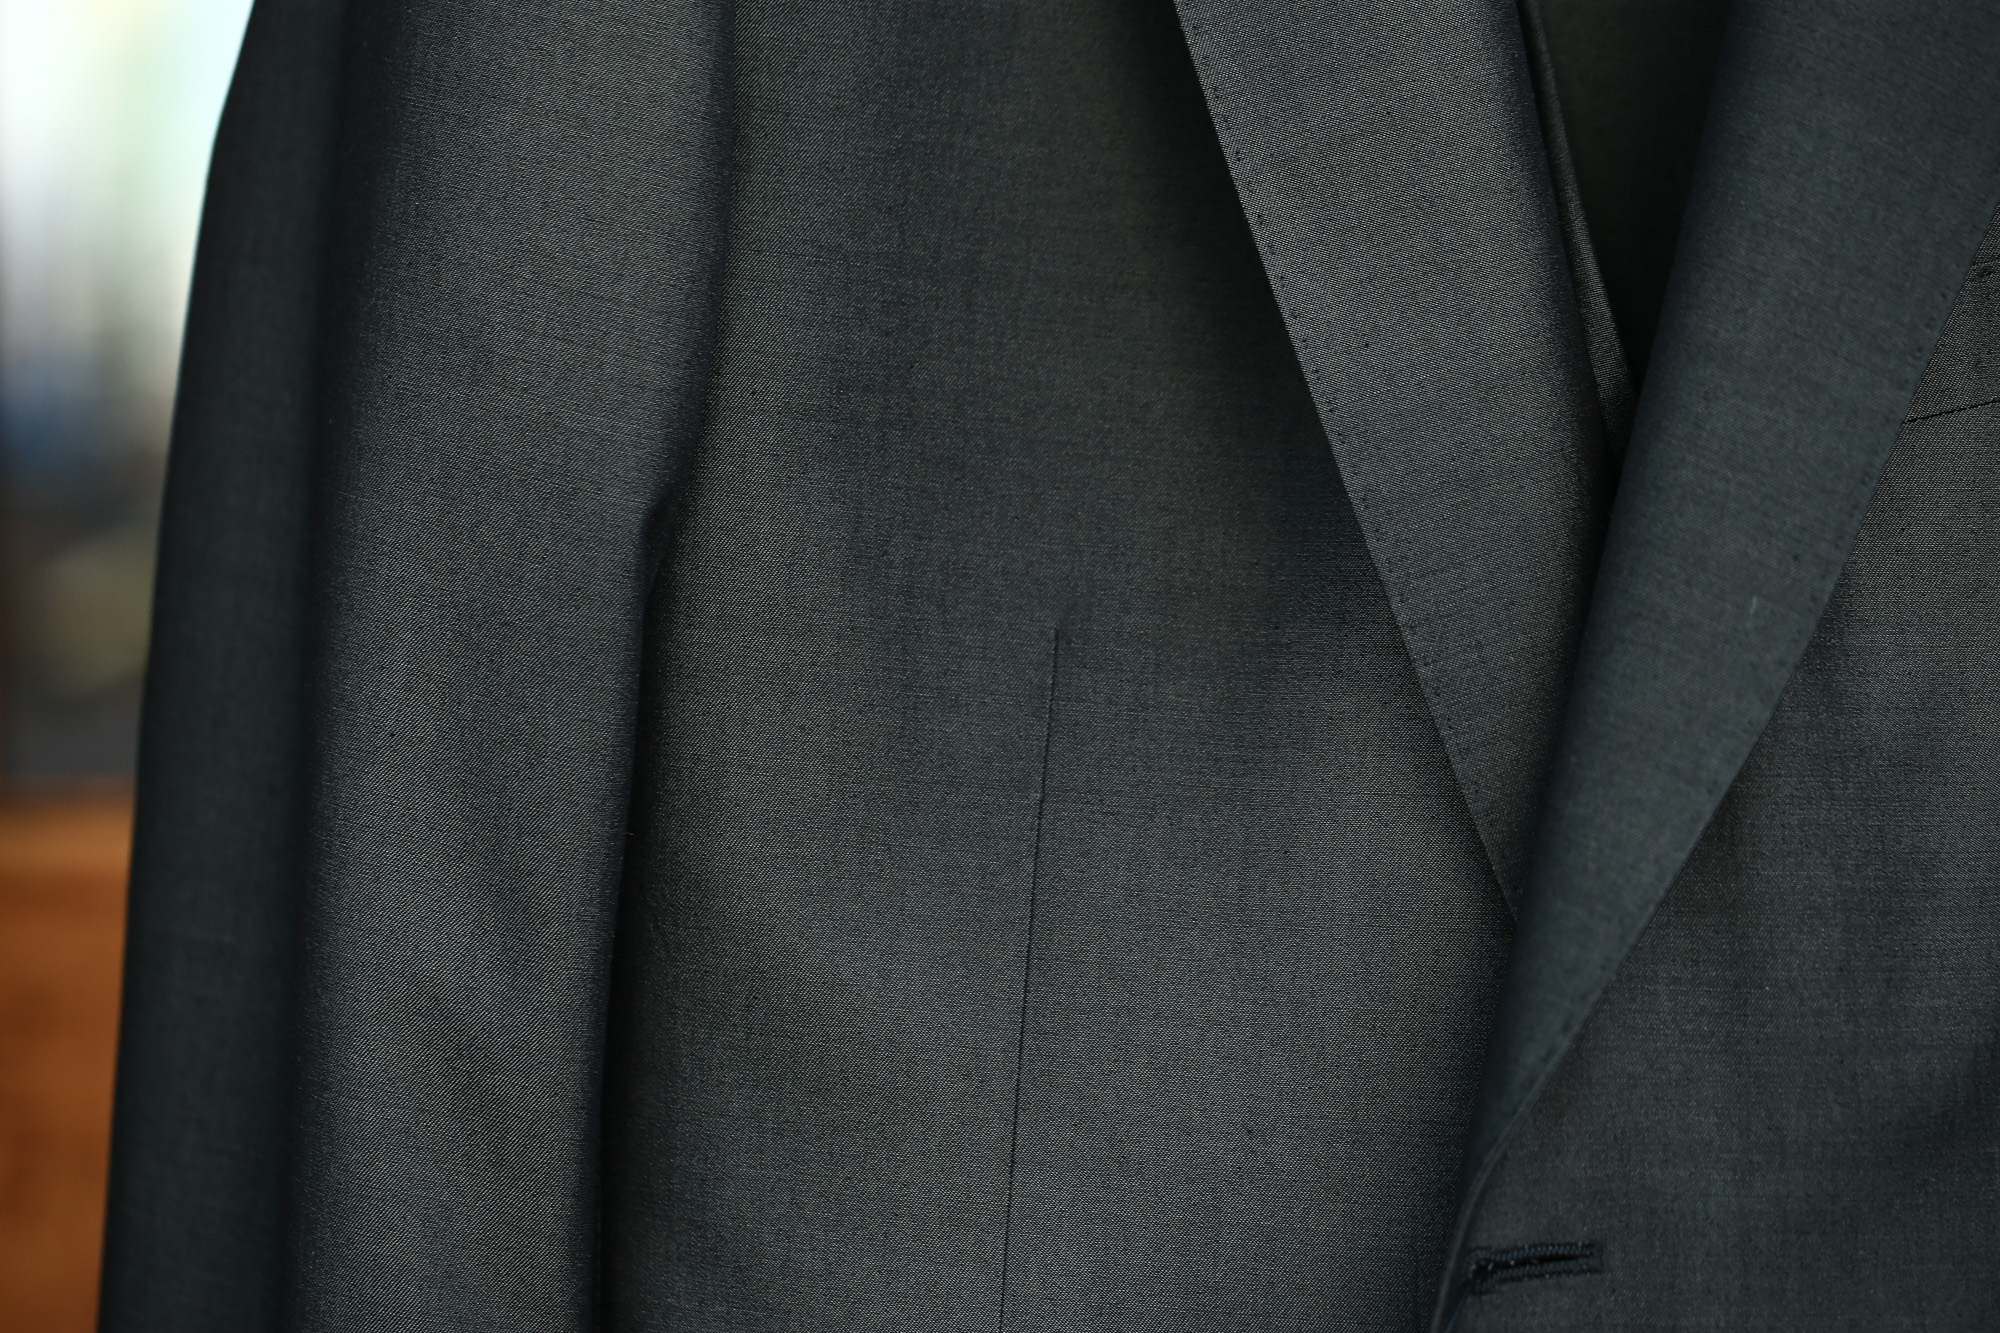 GABRIELE PASINI (ガブリエレ パジーニ) LONDON (ロンドン) サマーコットンウール 3P スーツ BLACK (ブラック・771) 2018 春夏新作 gabrielepasini ガブリエレパジーニ  スーツ 愛知 名古屋 Alto e Diritto アルト エ デリット